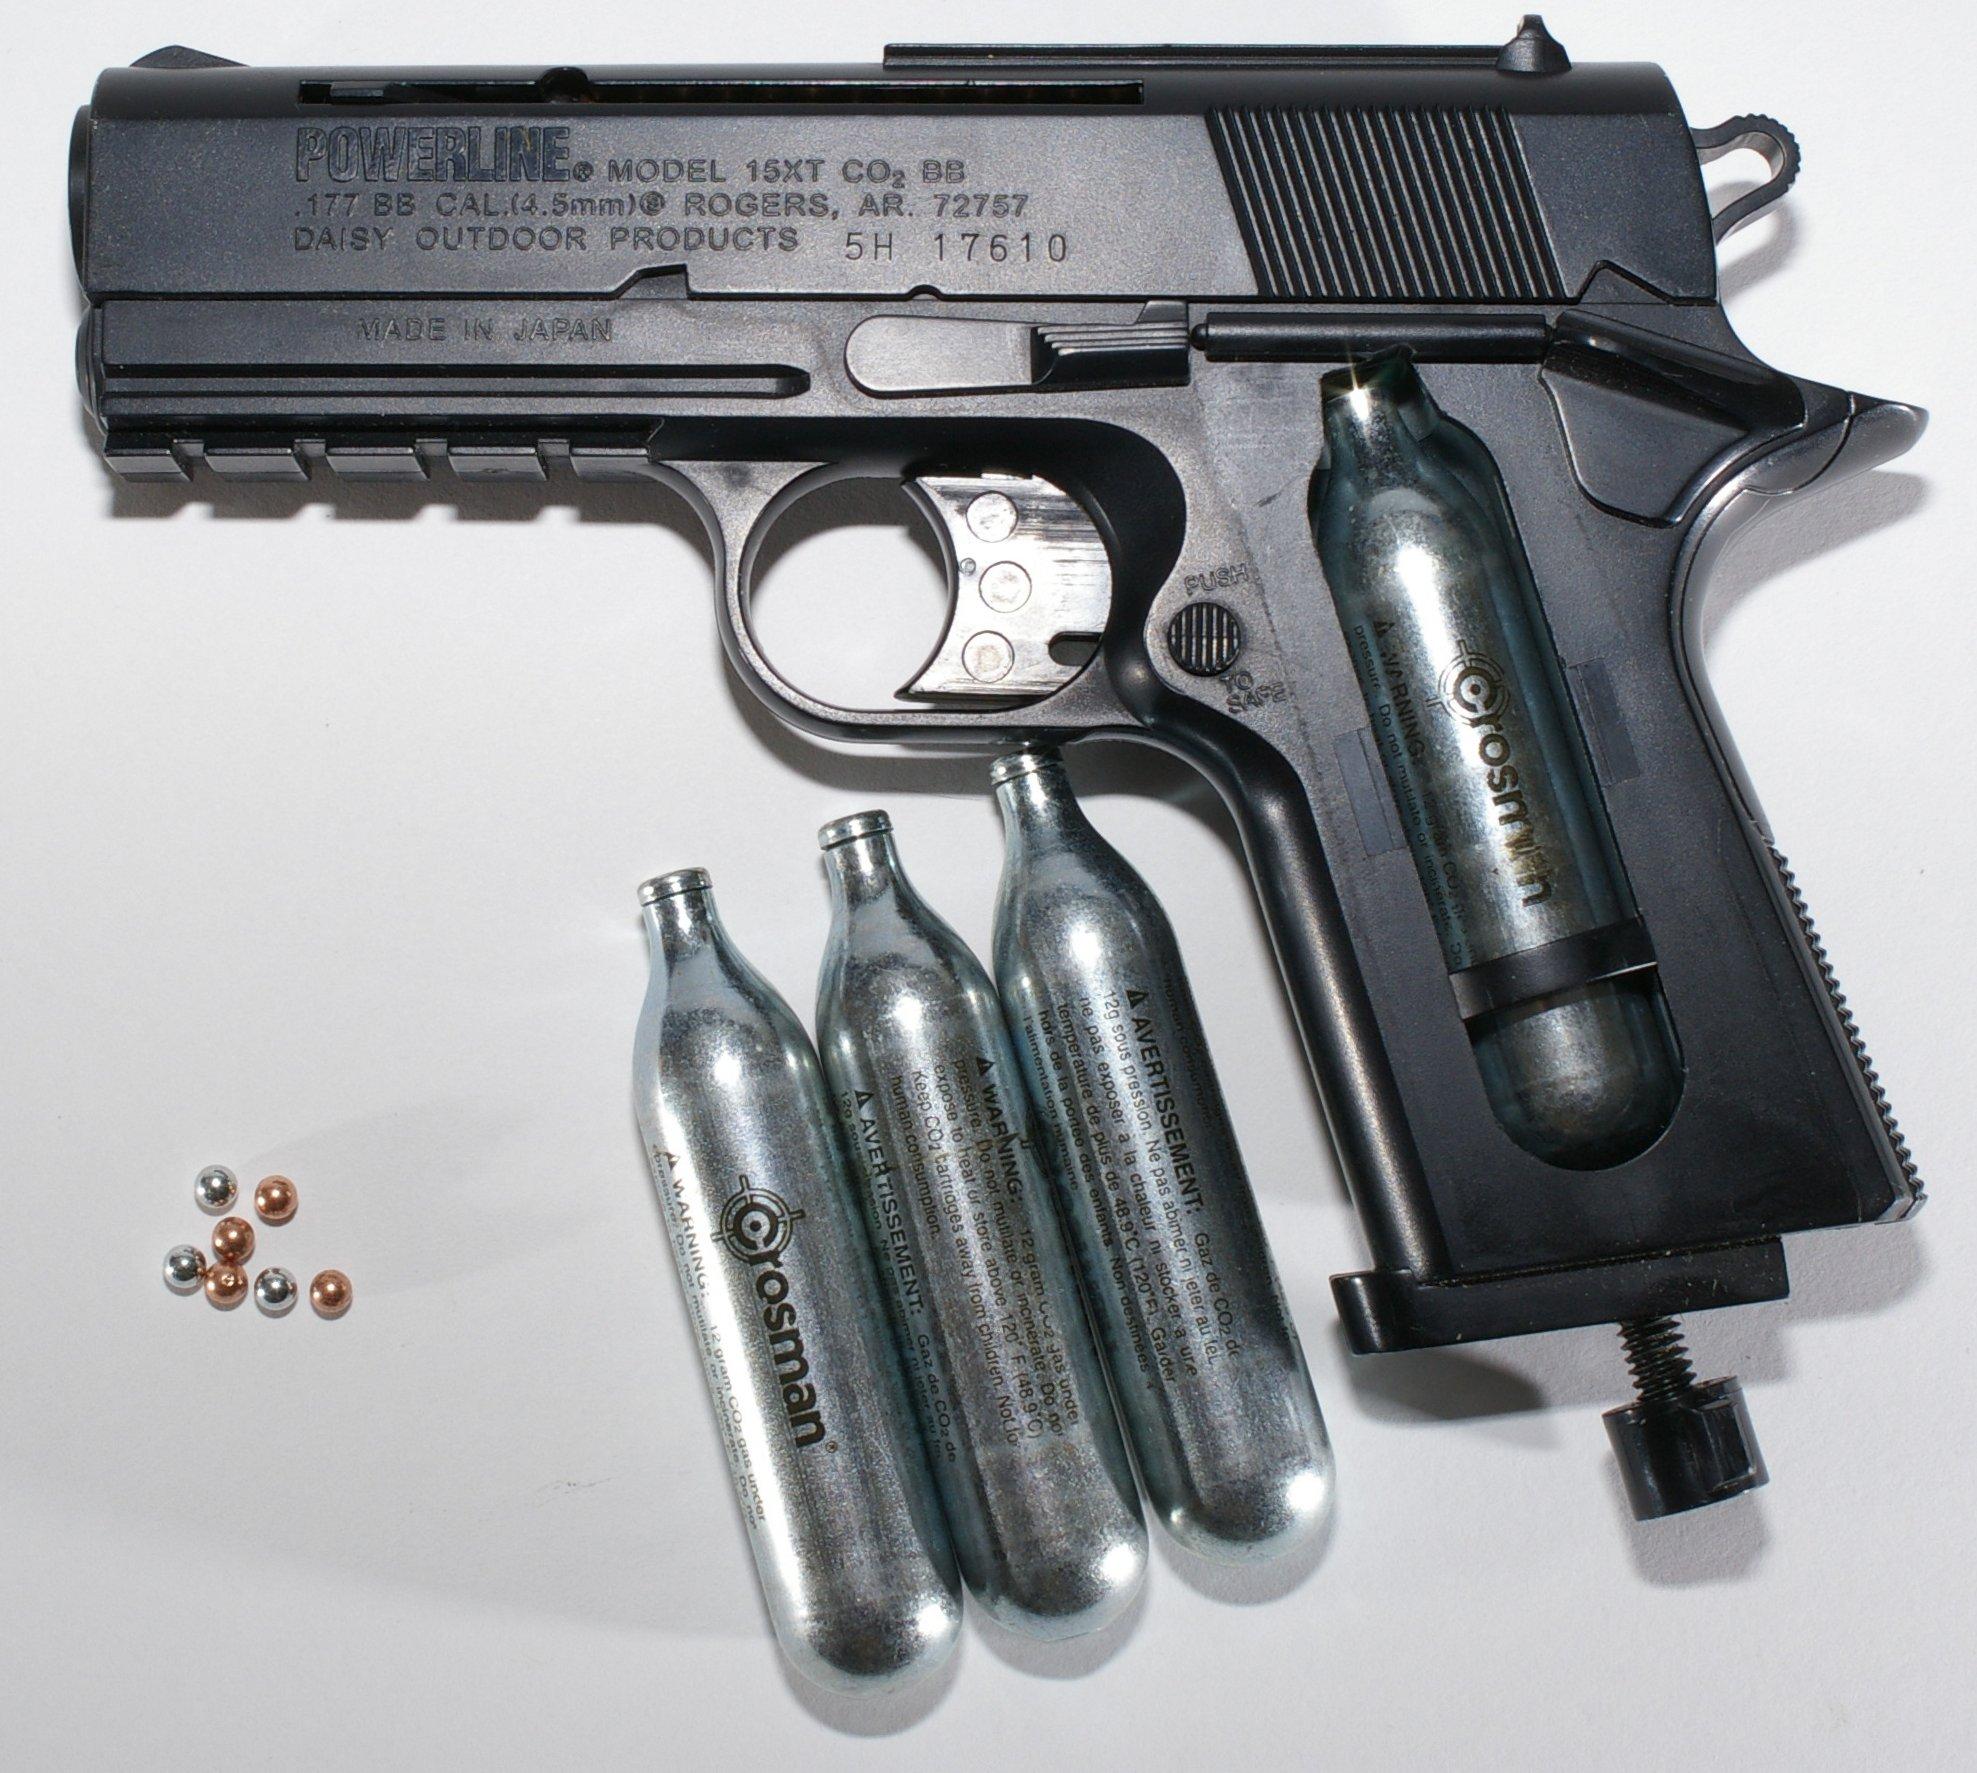 Are BB guns illegal?